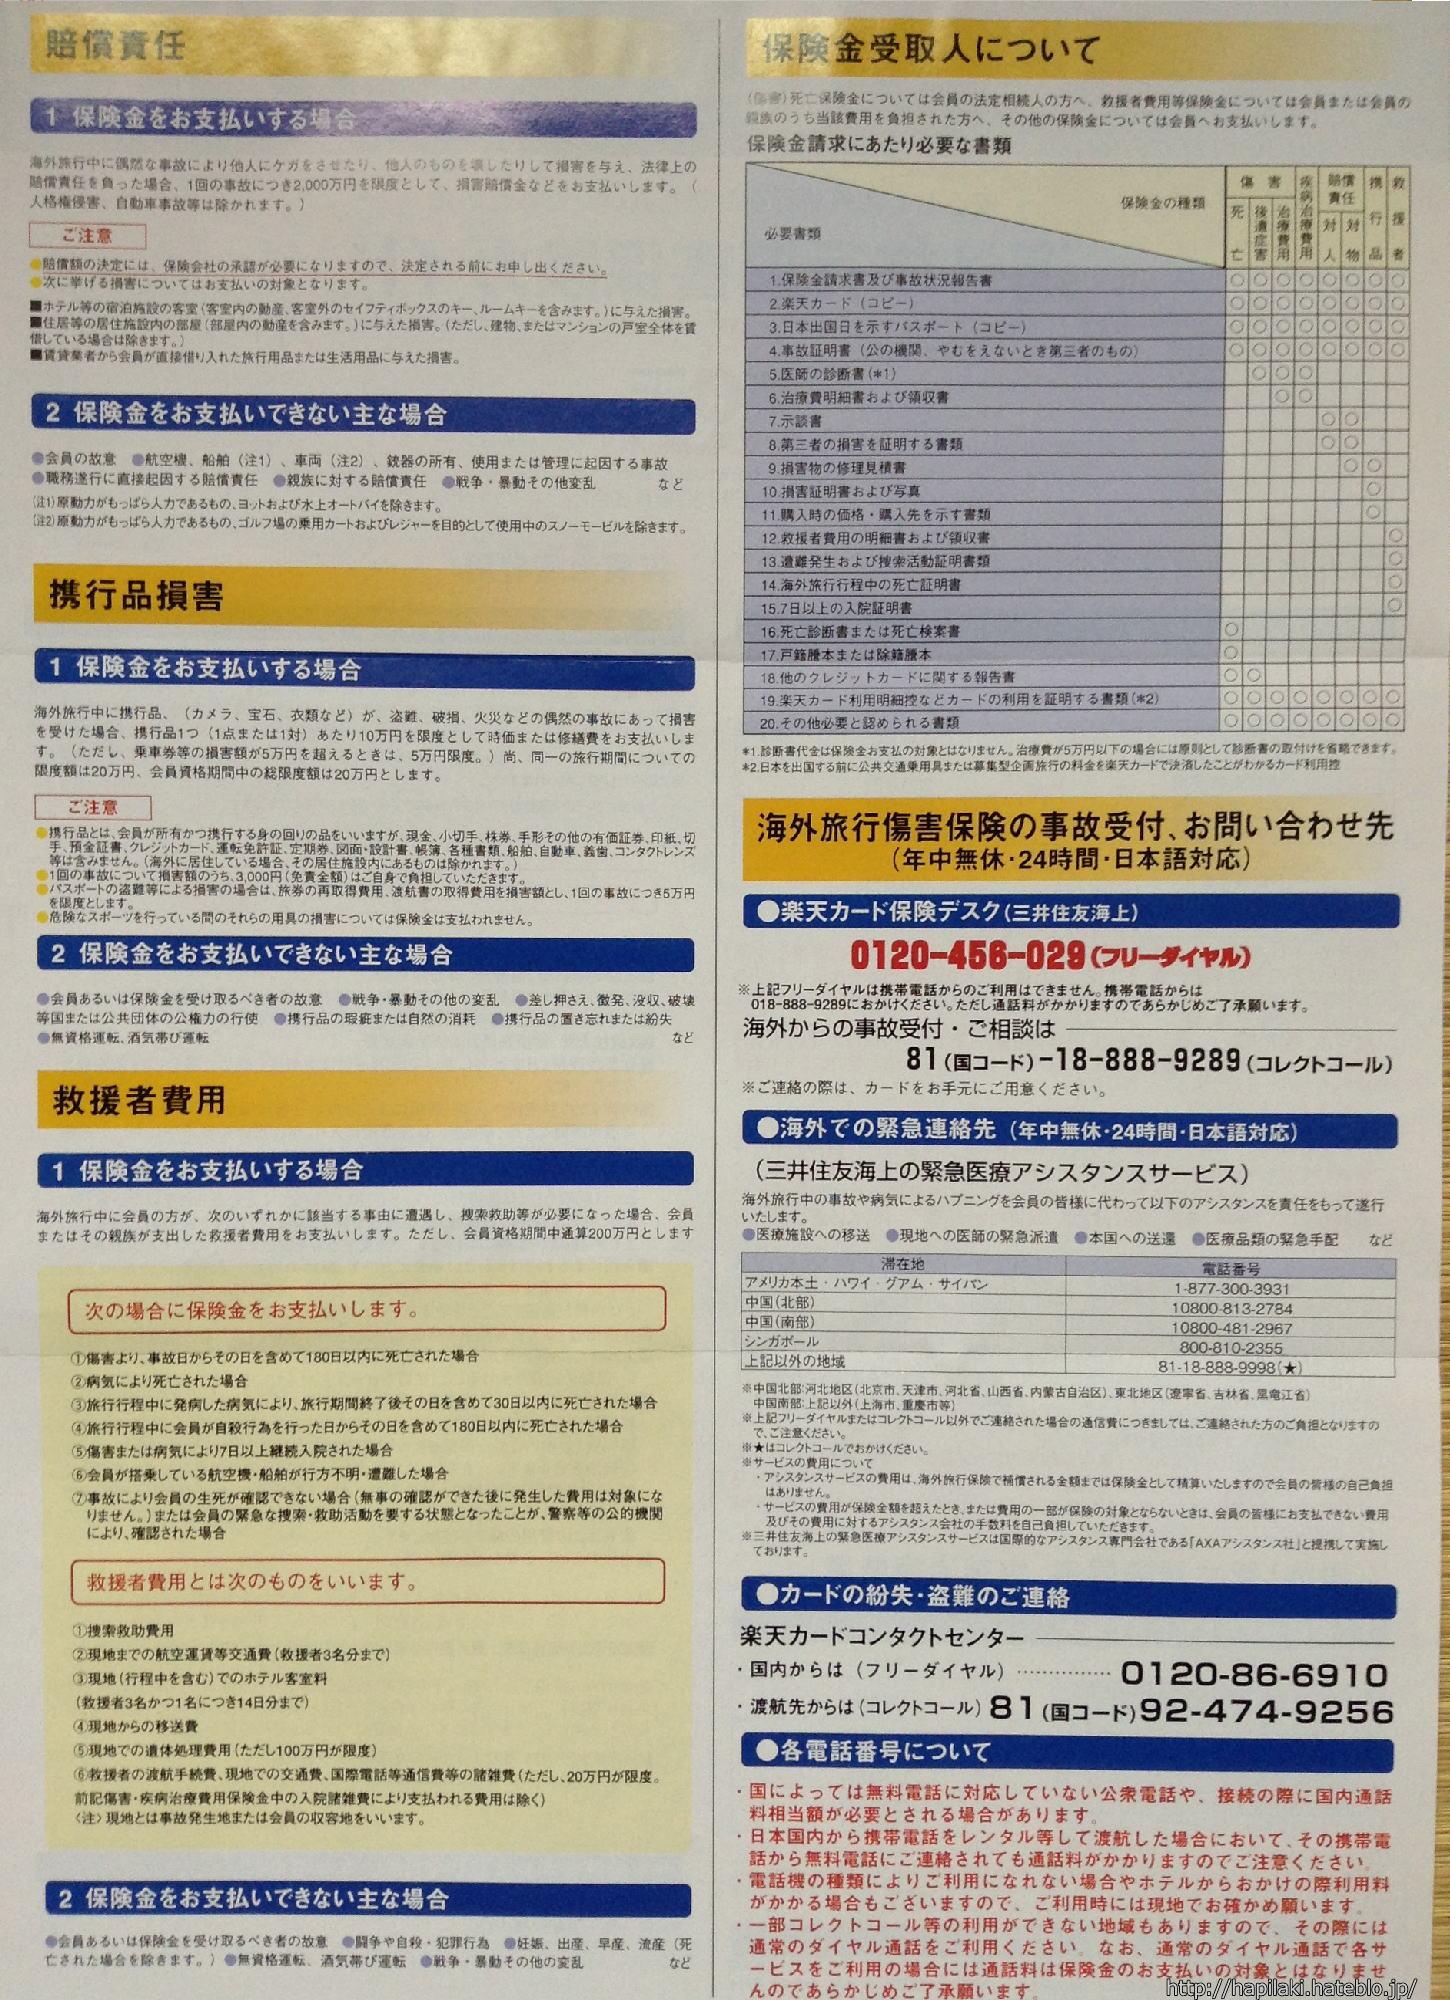 楽天カードの海外旅行保険の条件など2